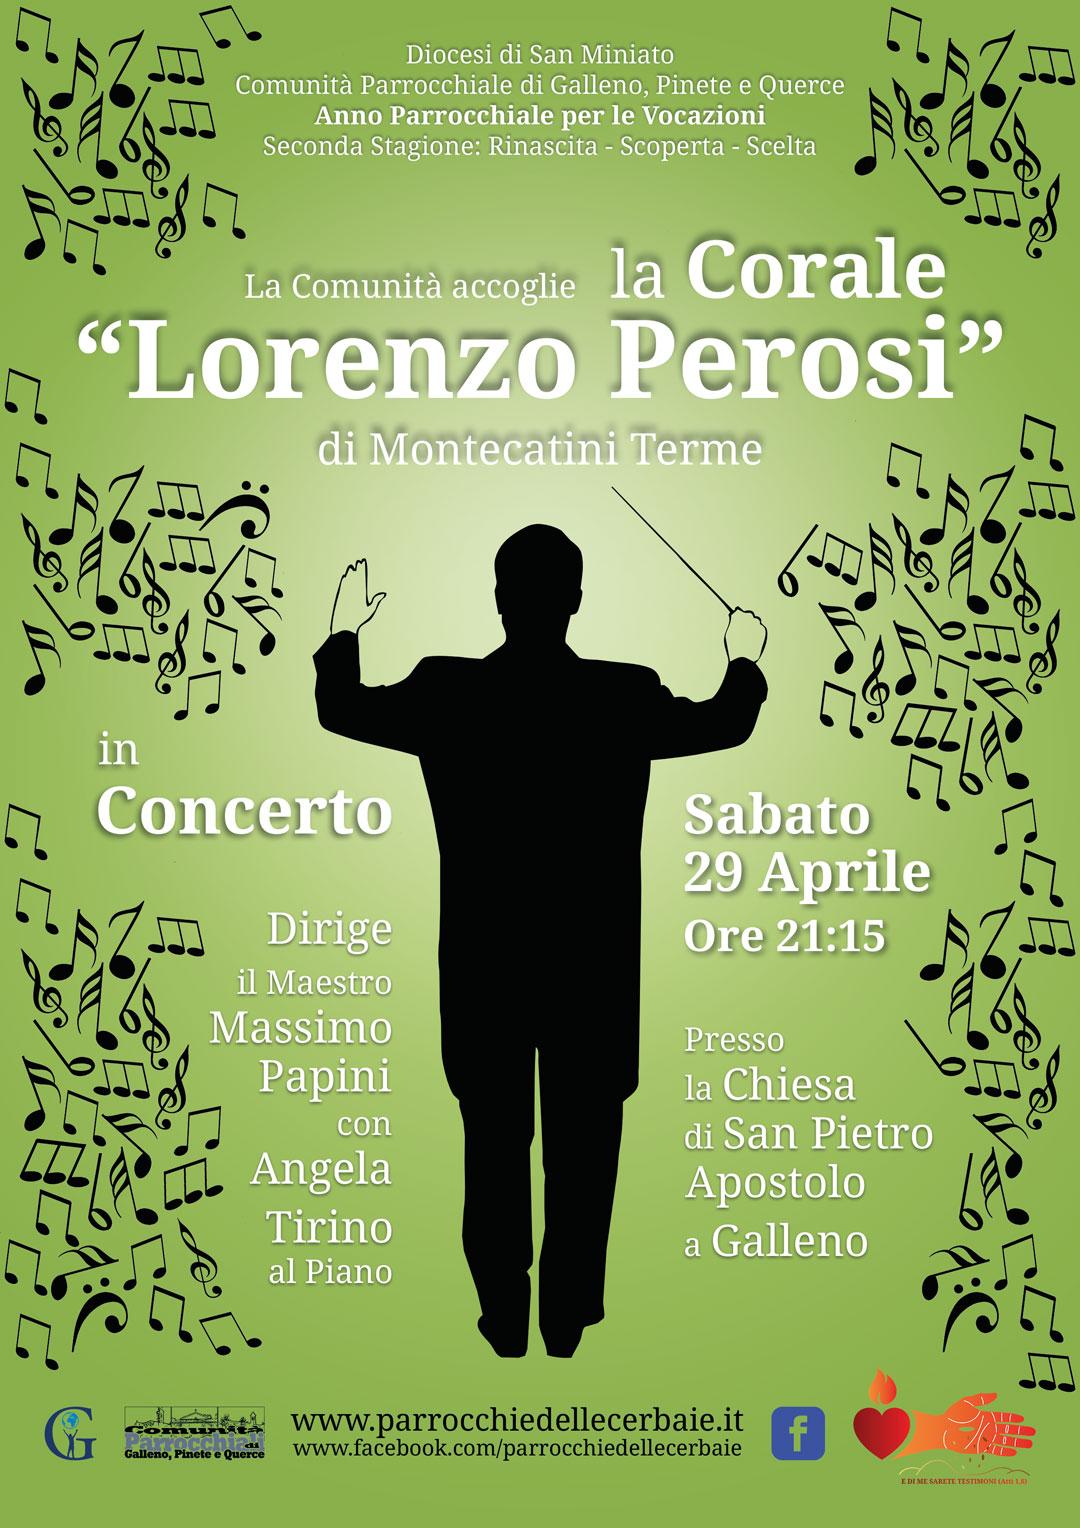 Corale Lorenzo Perosi in concerto a Galleno 29-4-2017